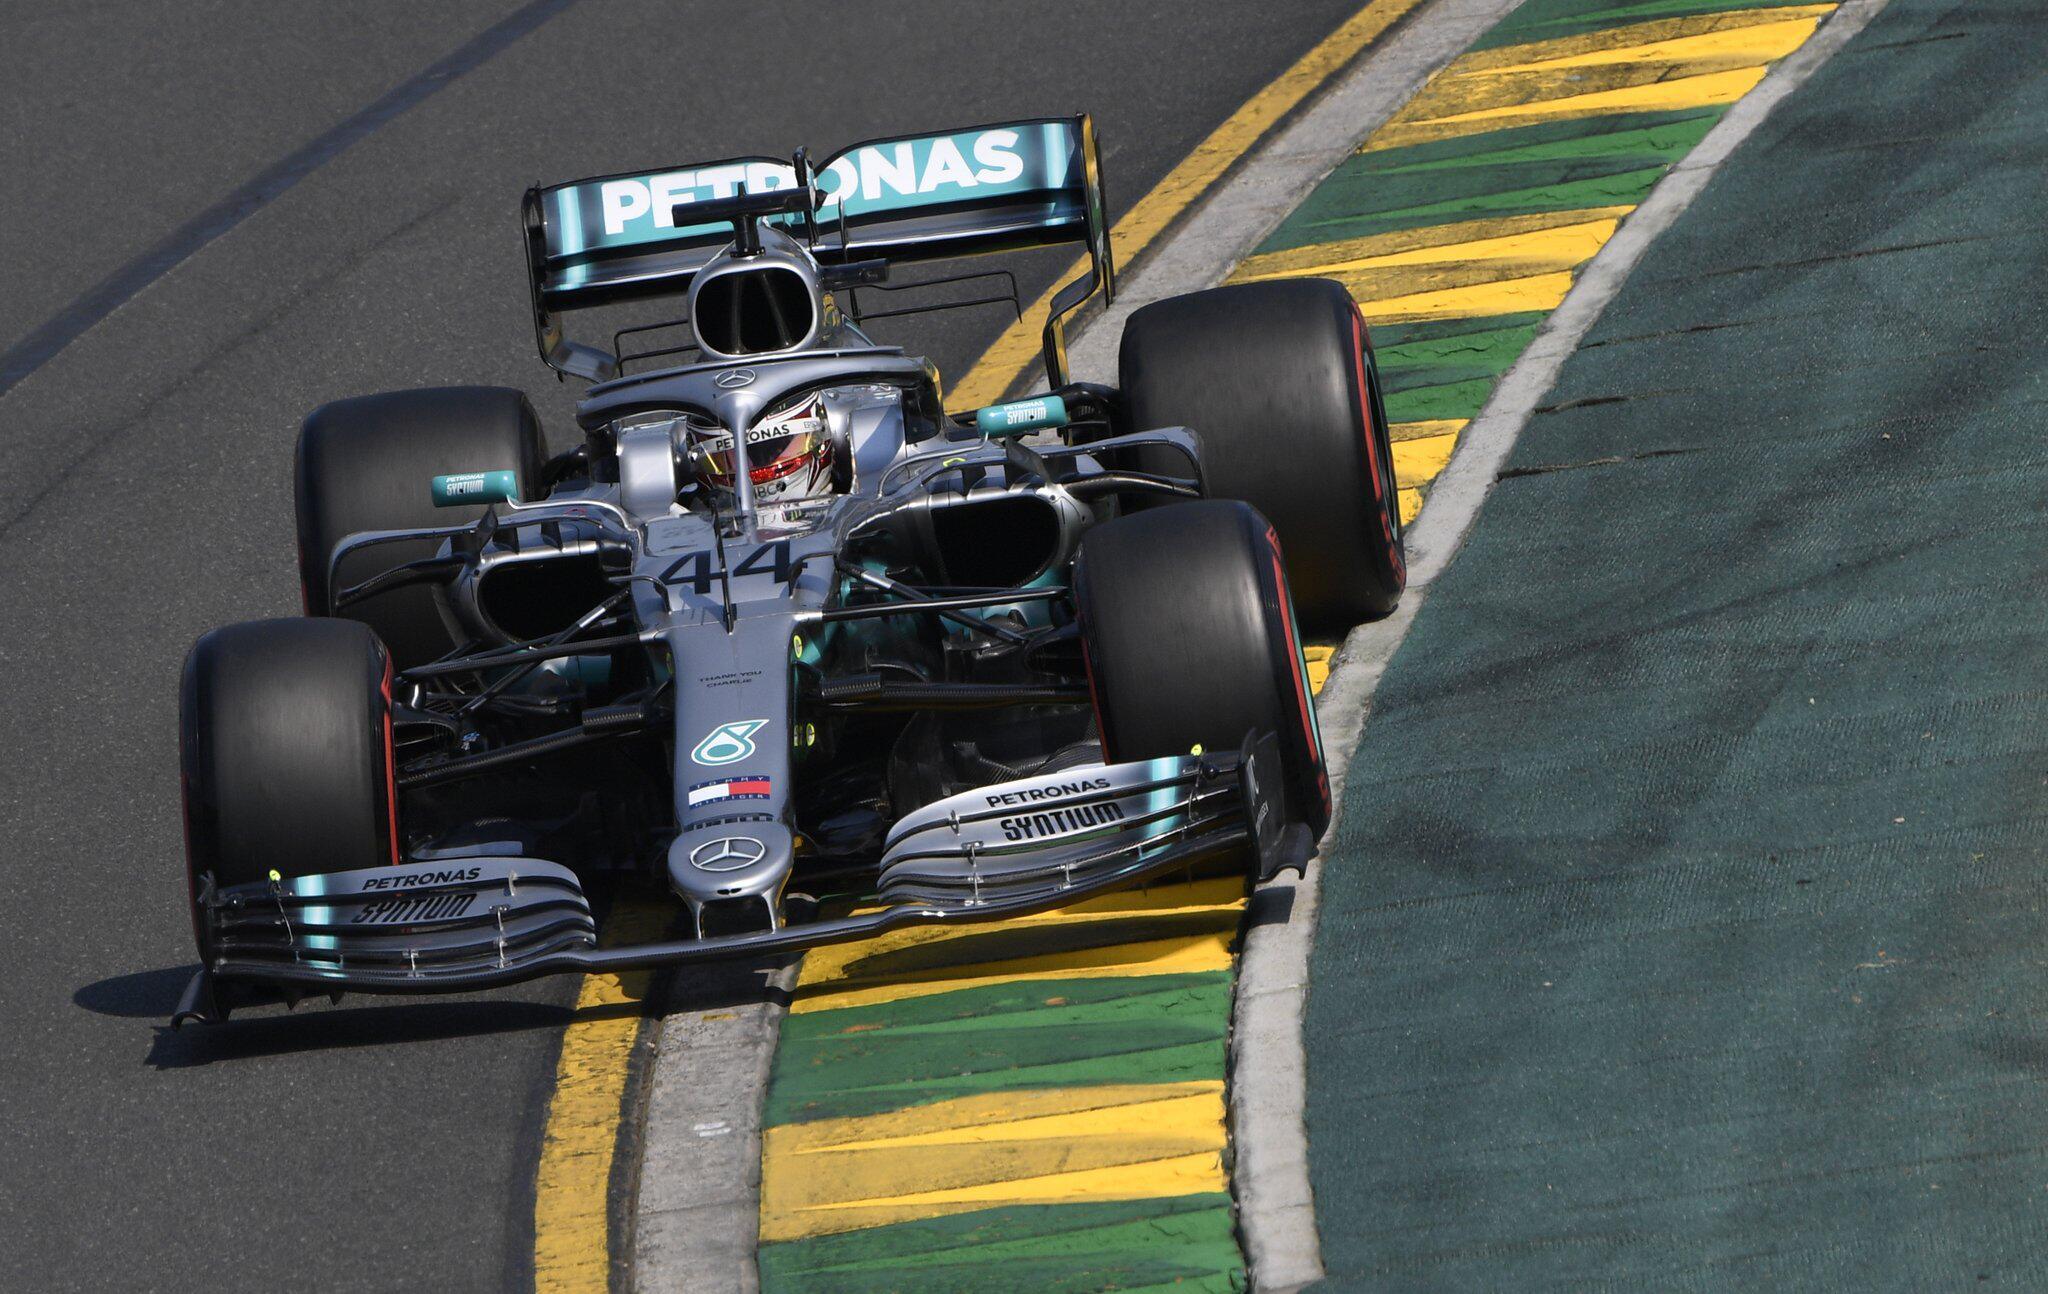 Bild zu Formel 1, Lewis Hamilton